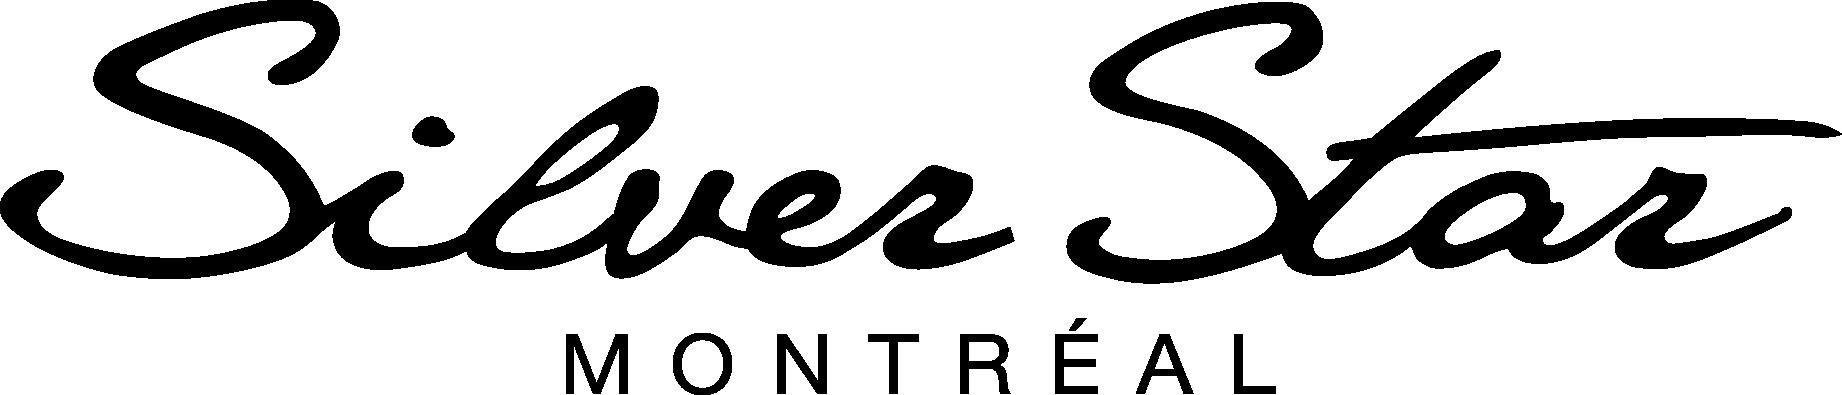 Mercedes-Benz Silverstar